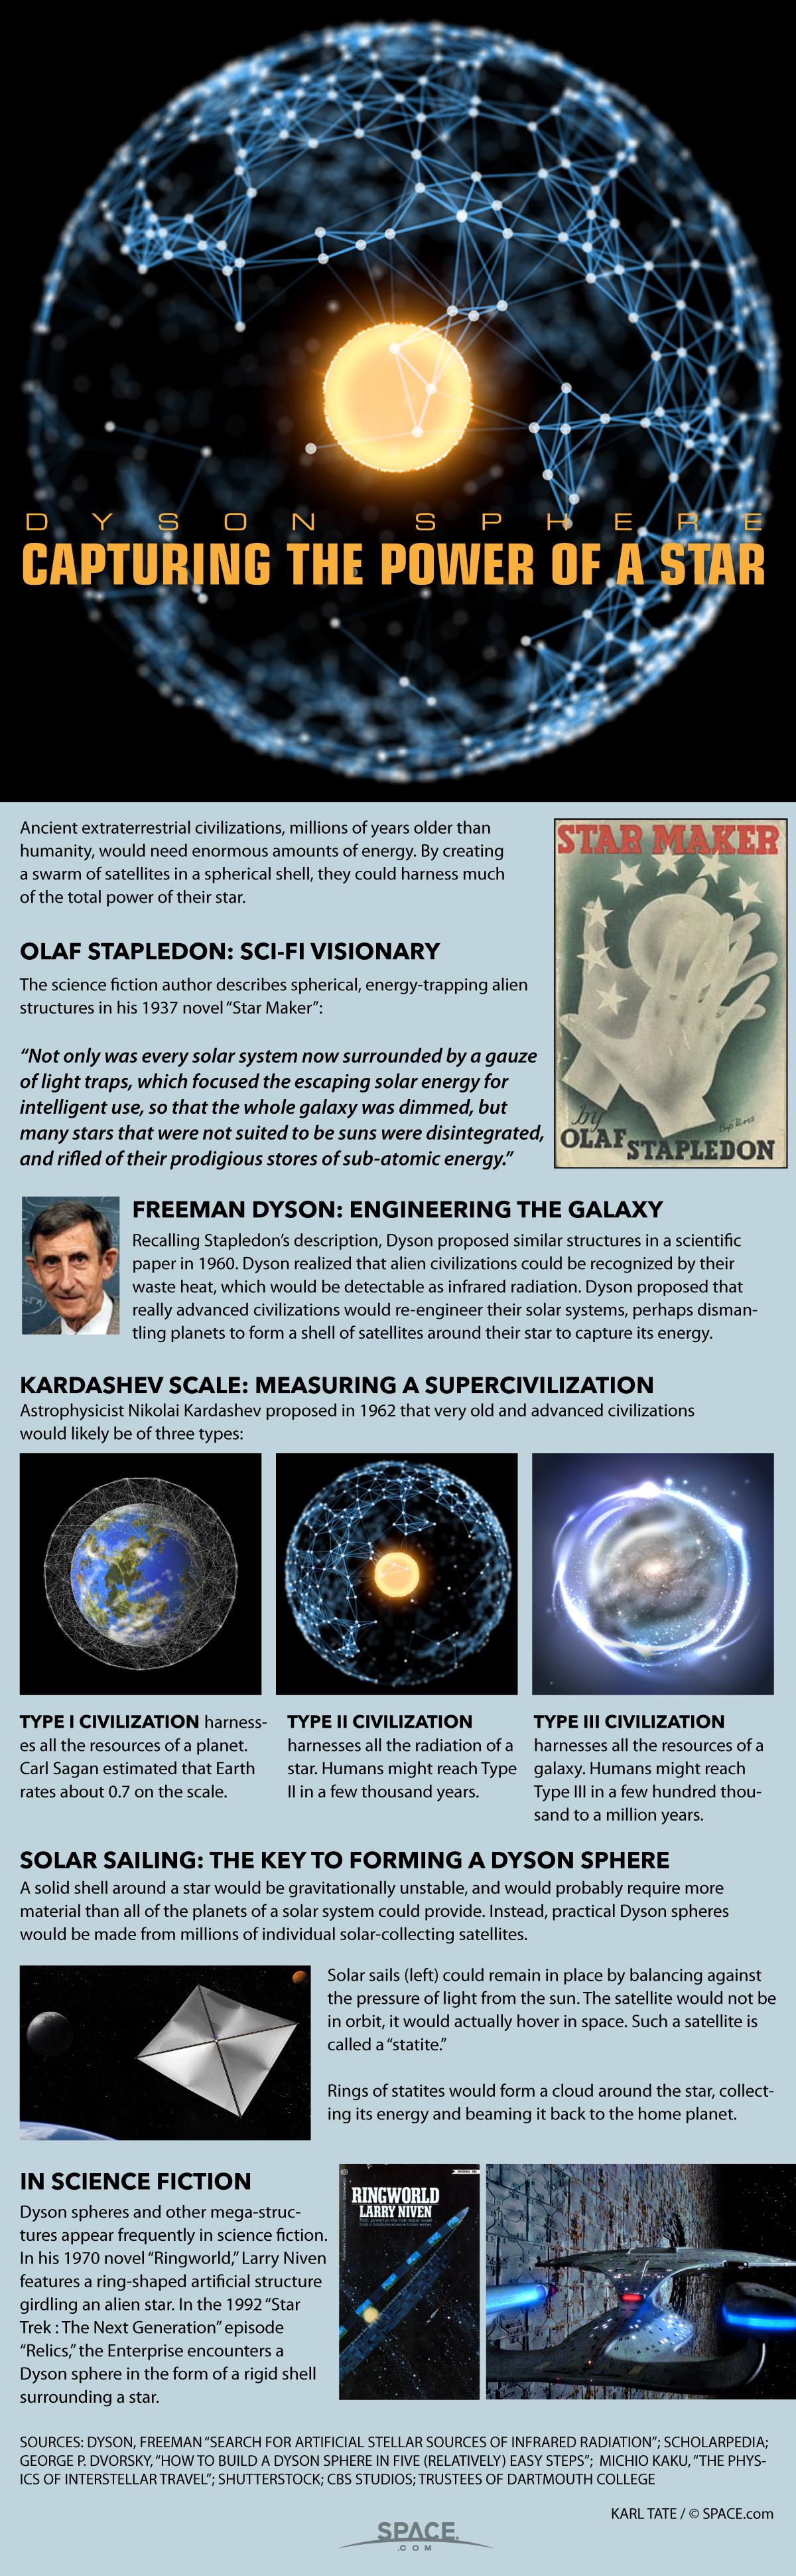 Dyson Spheres: How Advanced Alien Civilizations Would